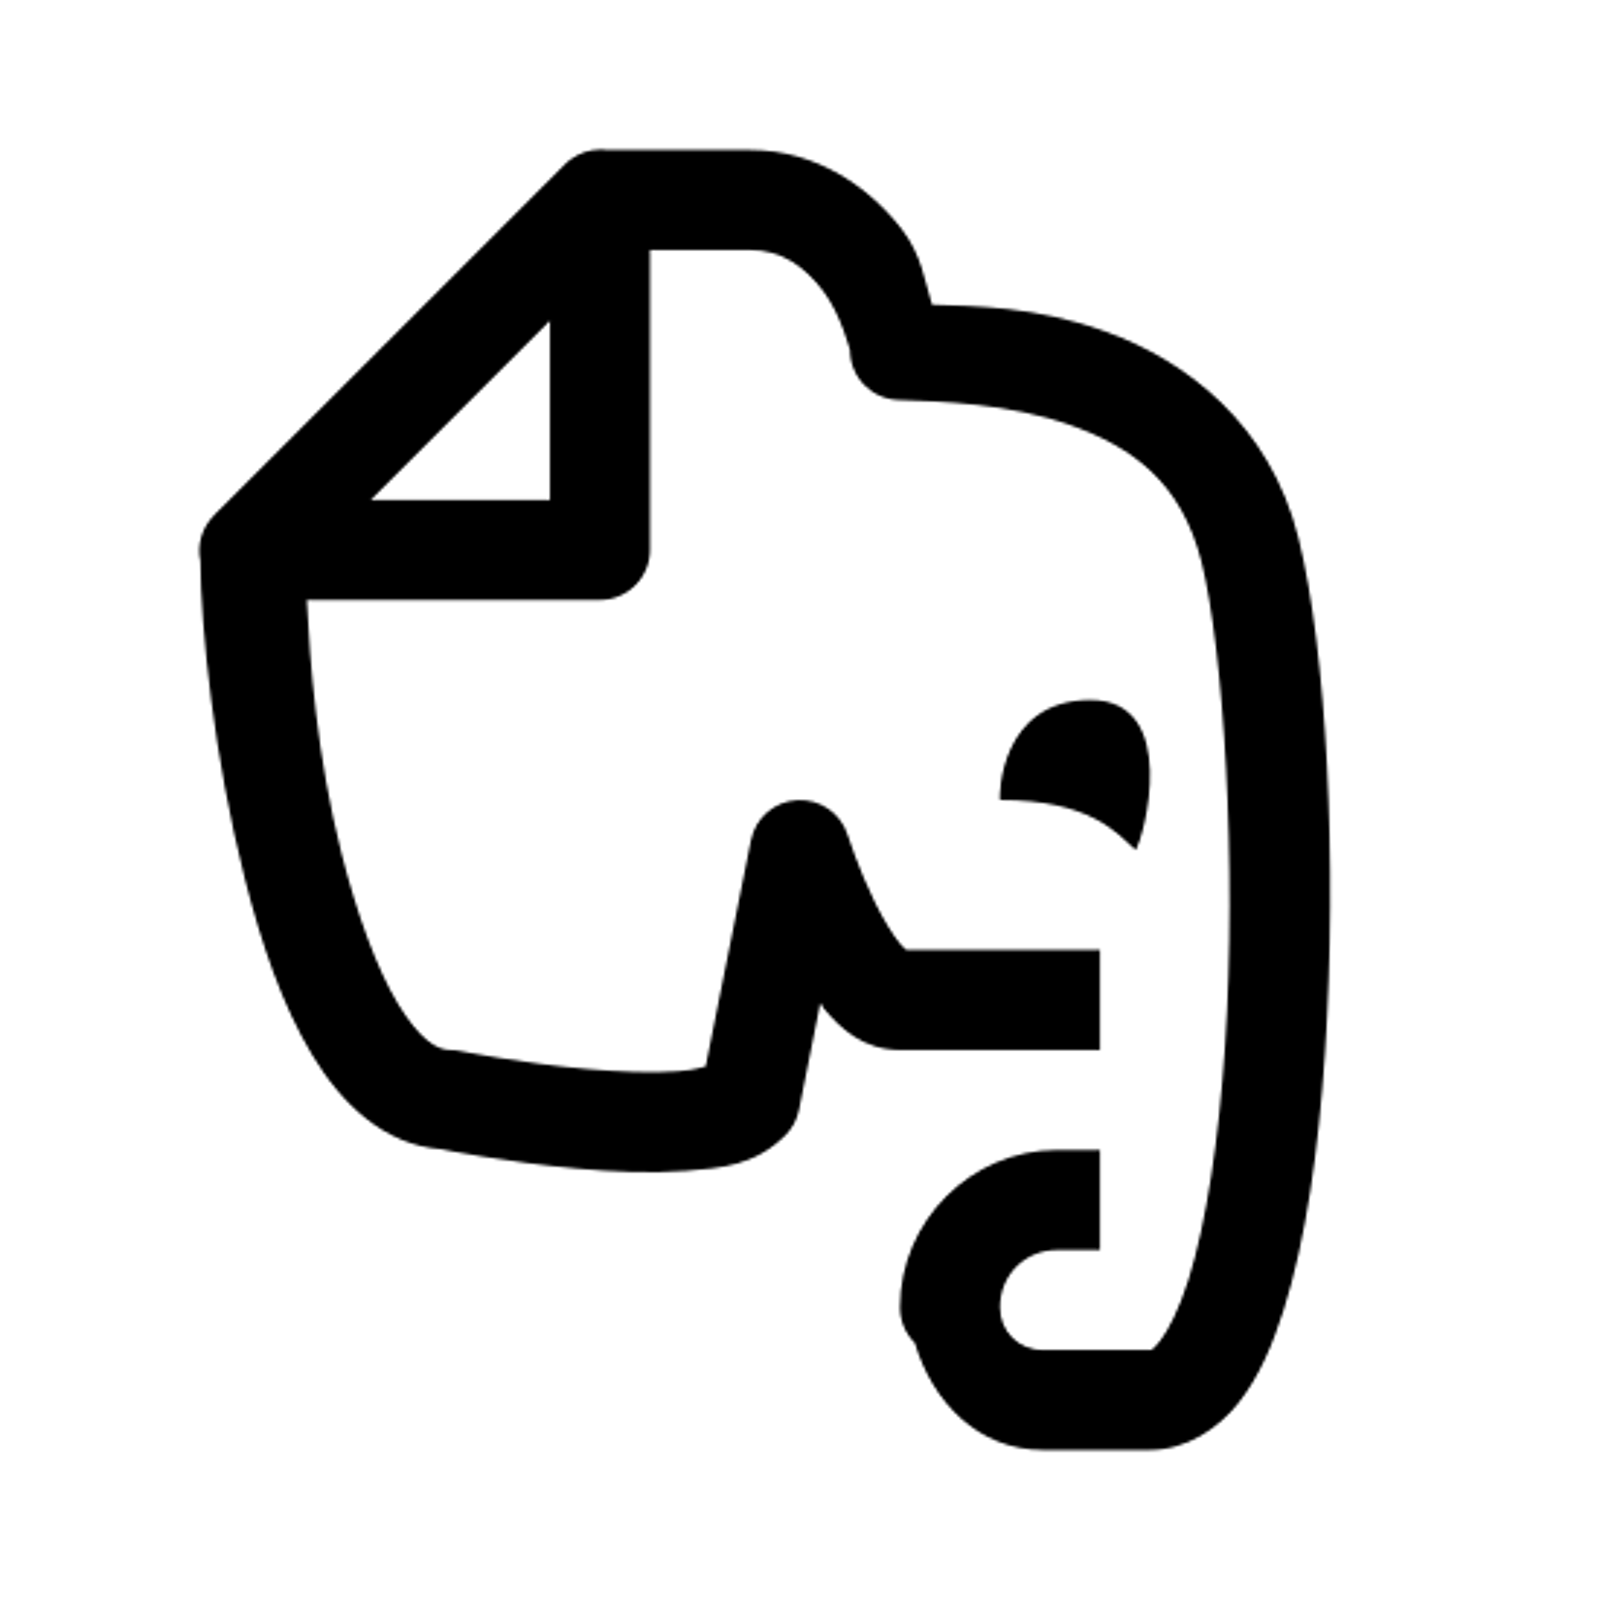 Иконка evernote - скачать бесплатно в PNG и векторе fd10c20a97d